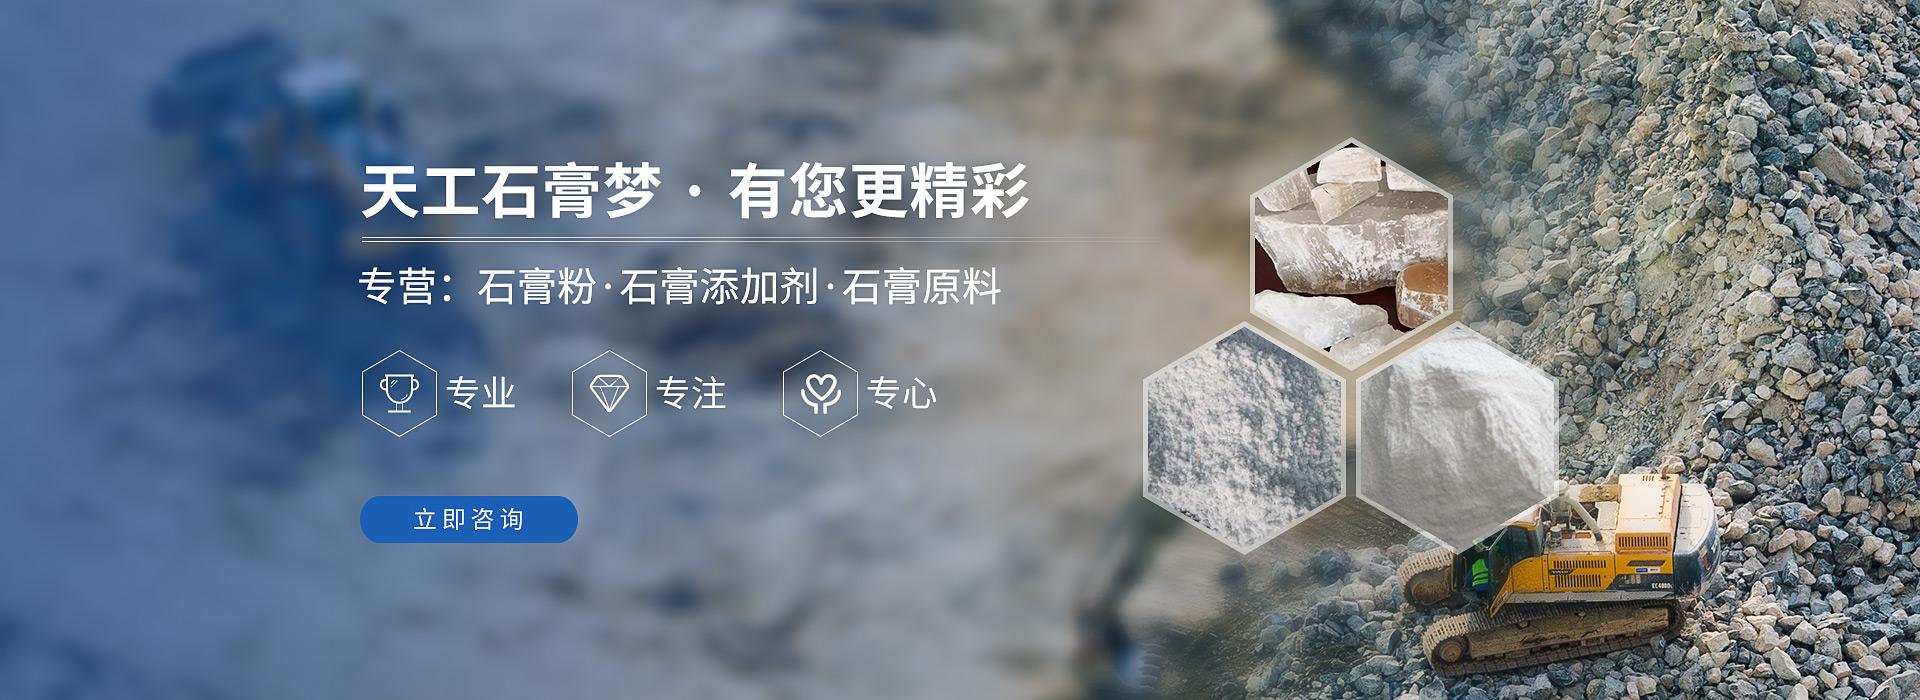 天工石膏产品